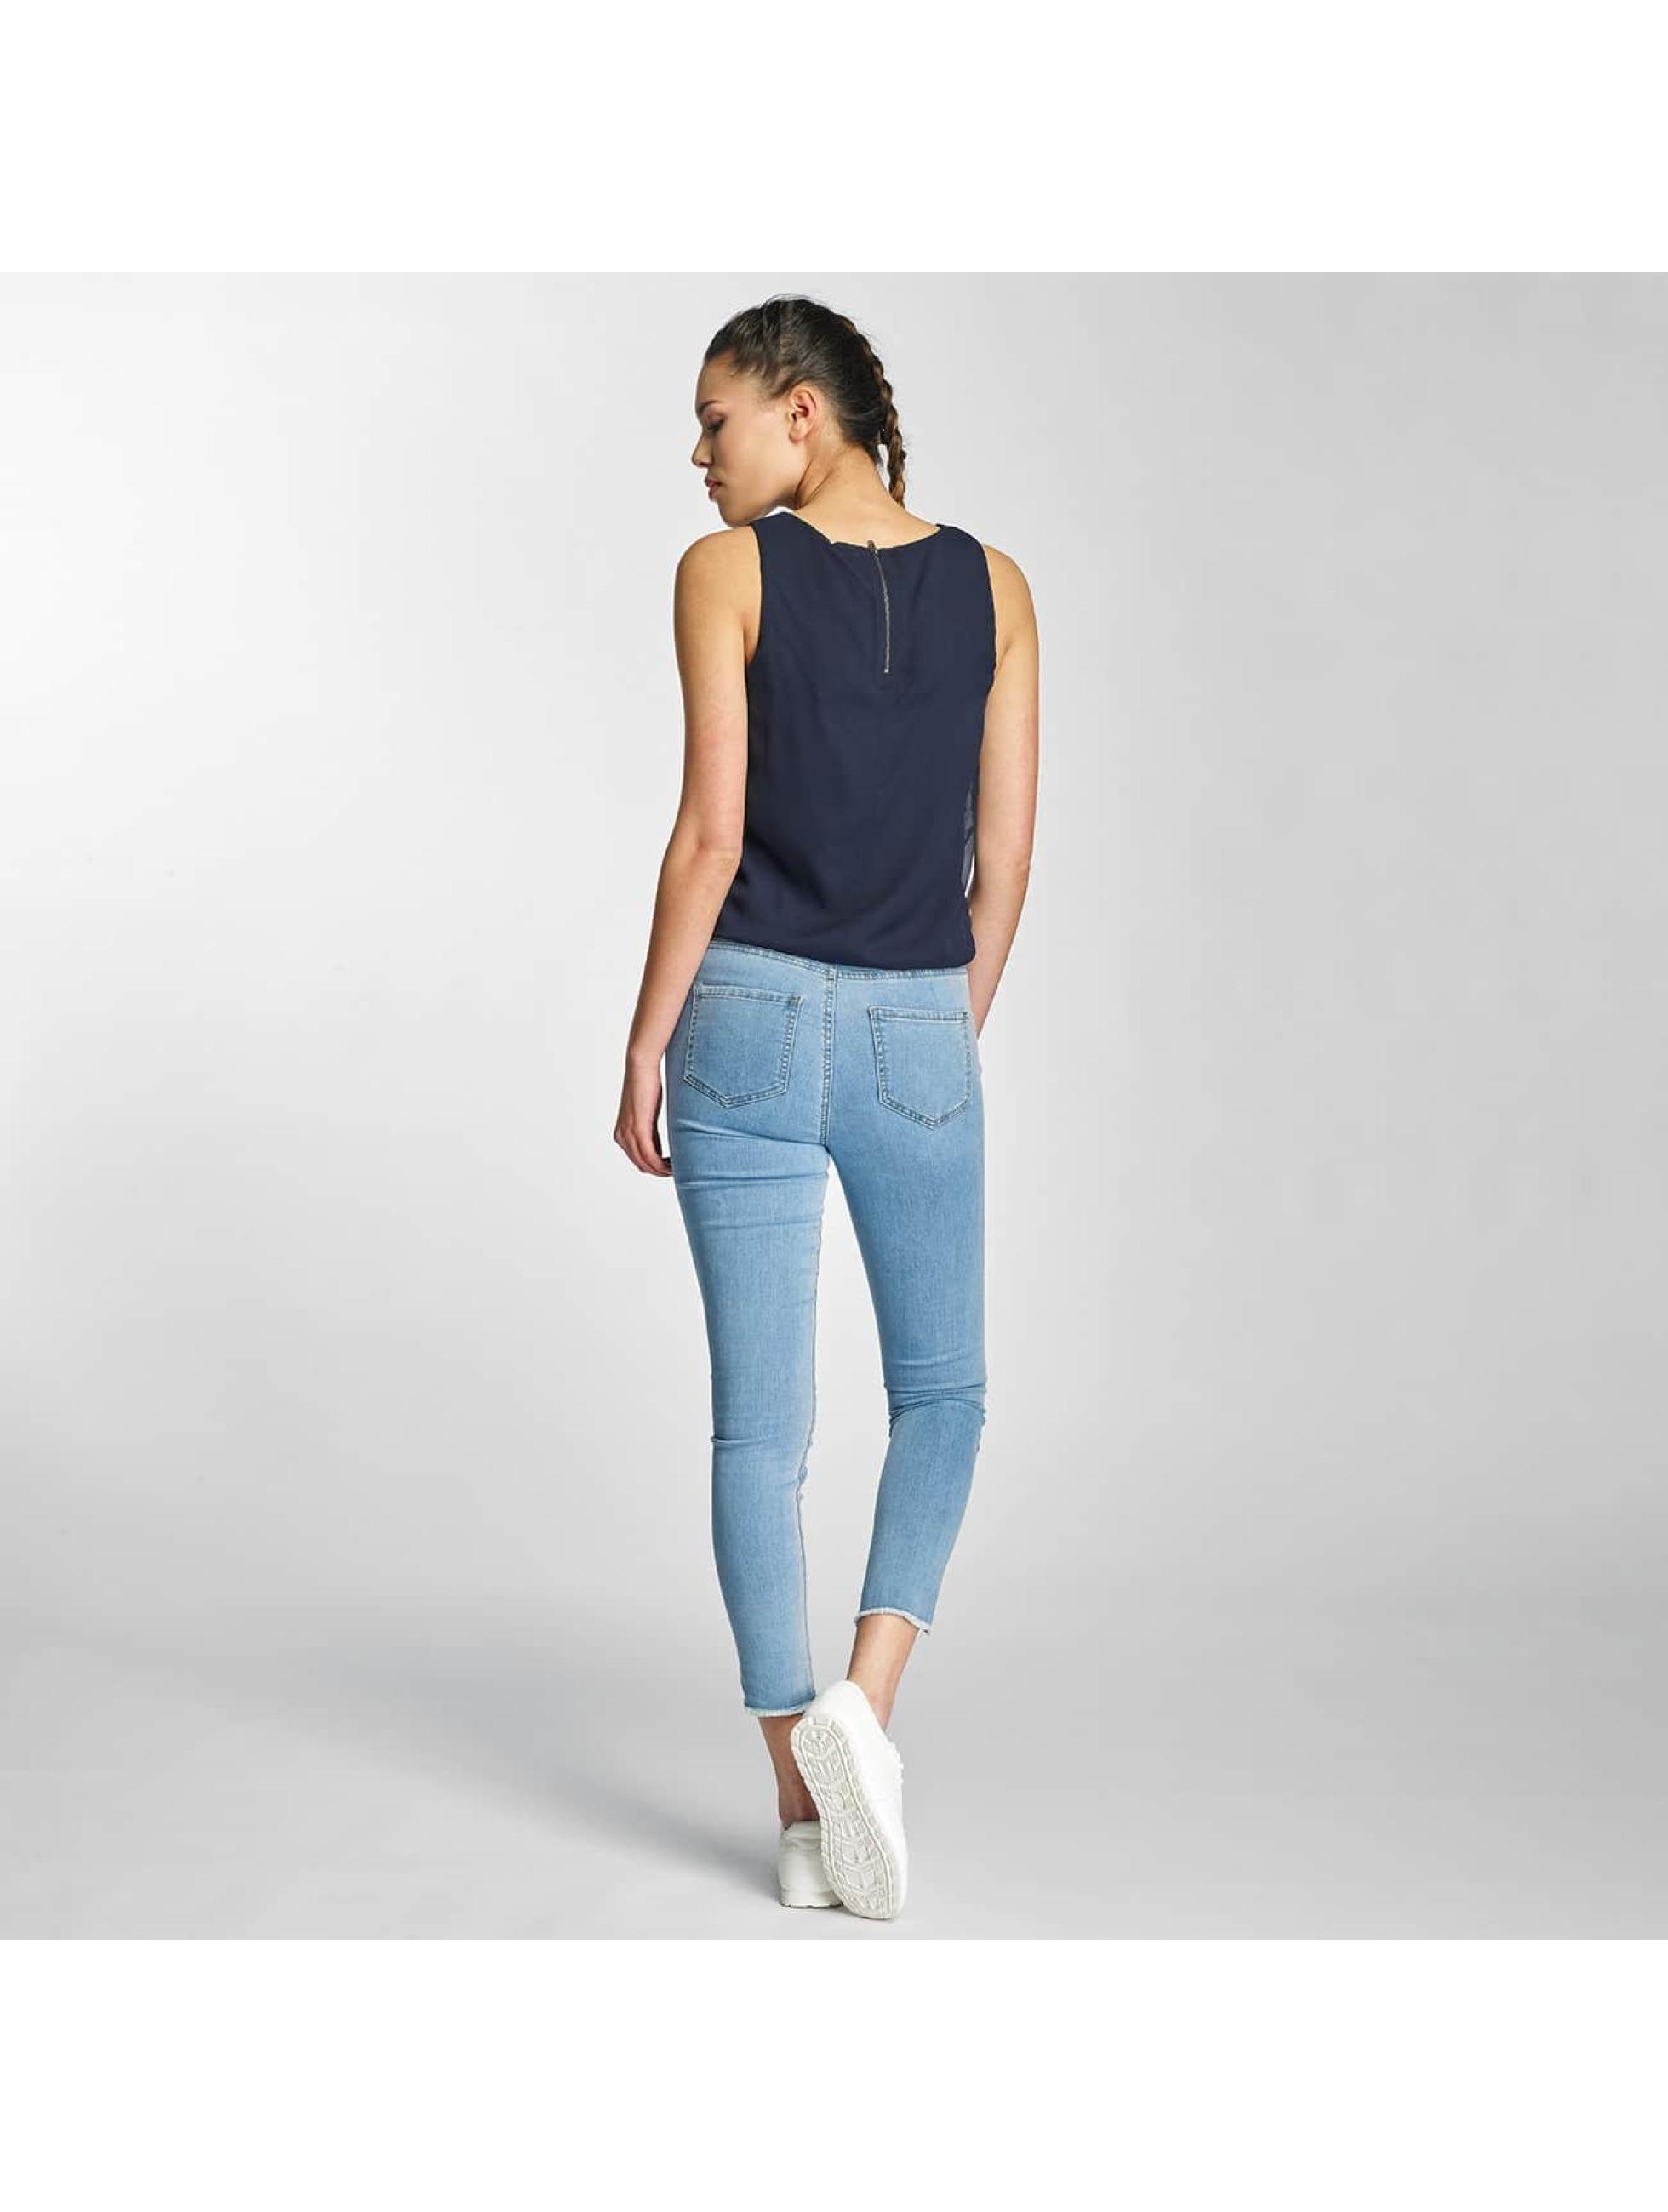 Vero Moda Top vmFunda blau